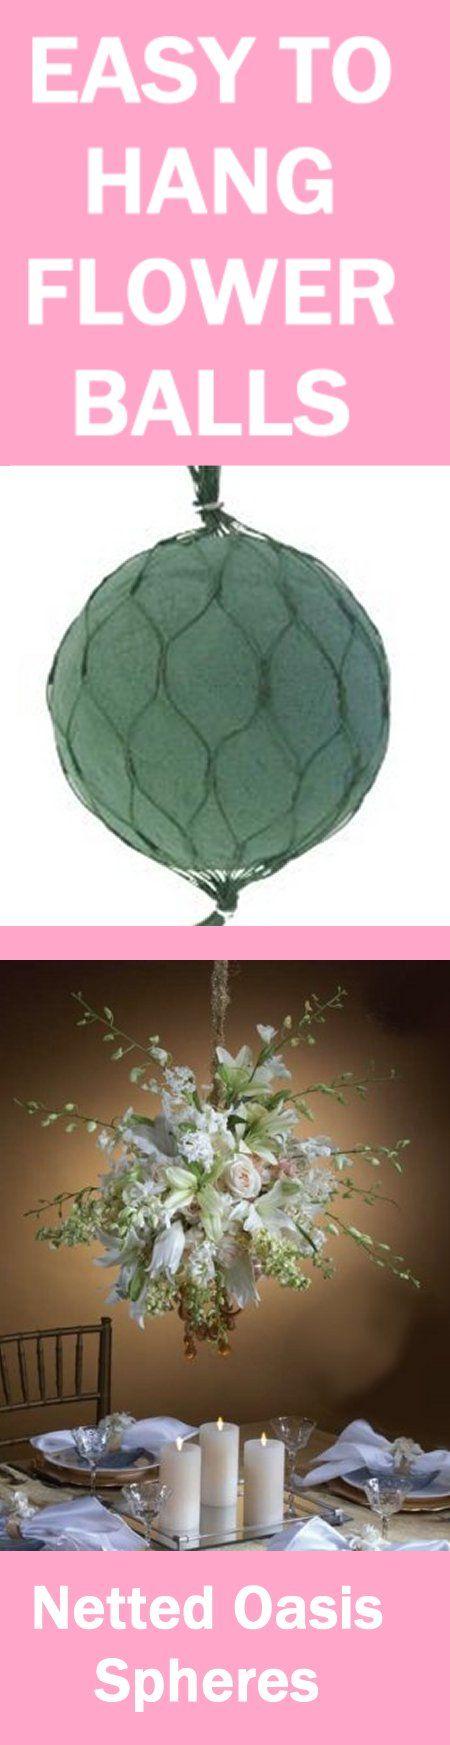 Steckstoff mit weitmaschigem Netz umschließen und die Blumen hineinstecken. Dann einfach an der Decke anbringen